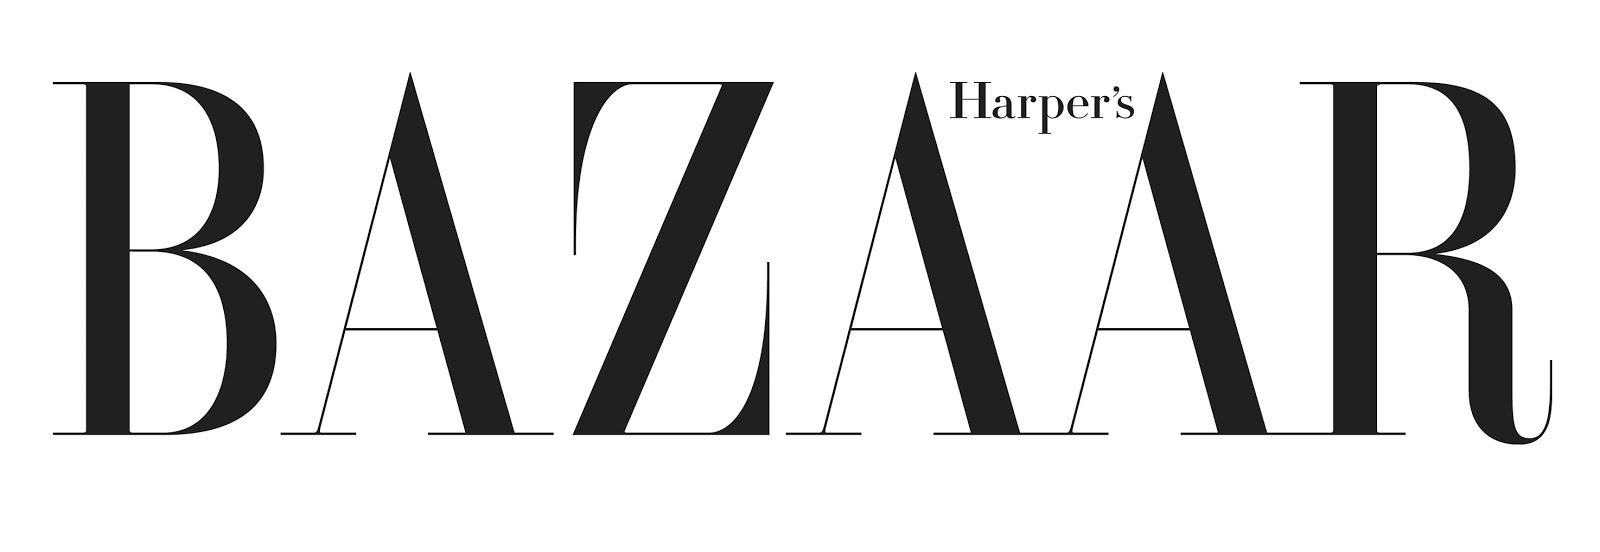 SÍGUENOS EN REVISTA HARPER'S BAZAAR